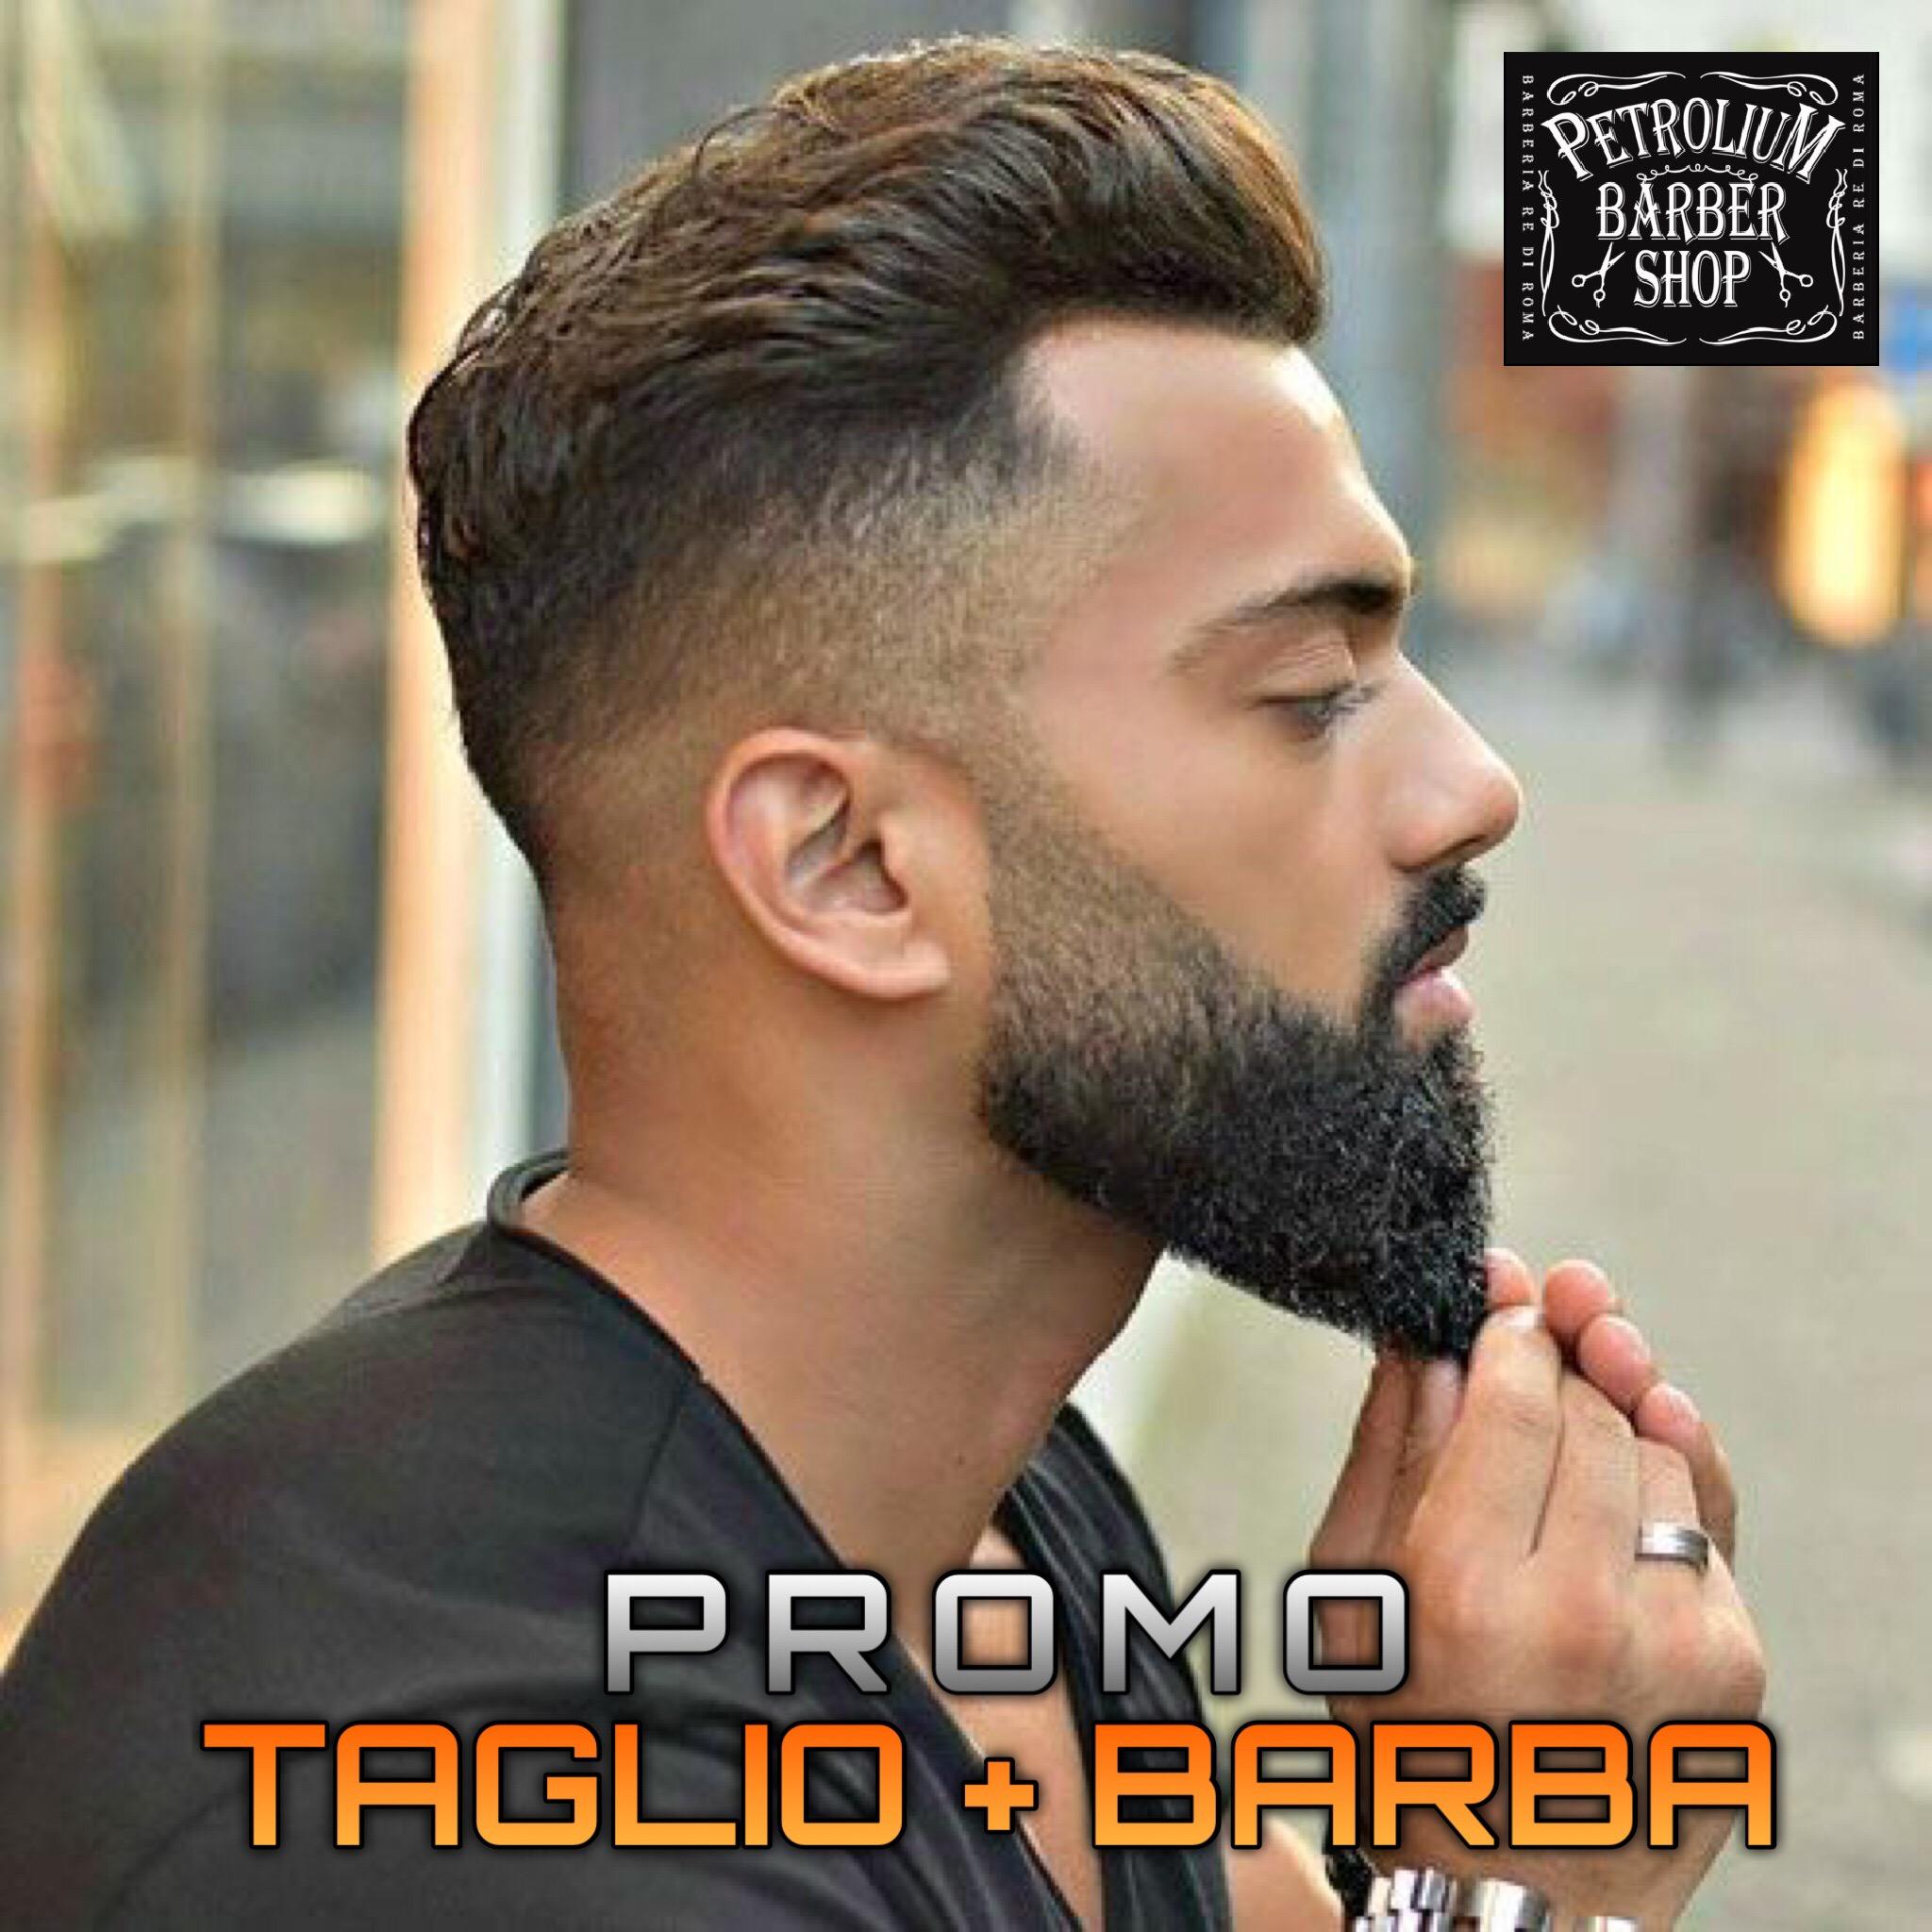 Taglio capelli 10 euro roma